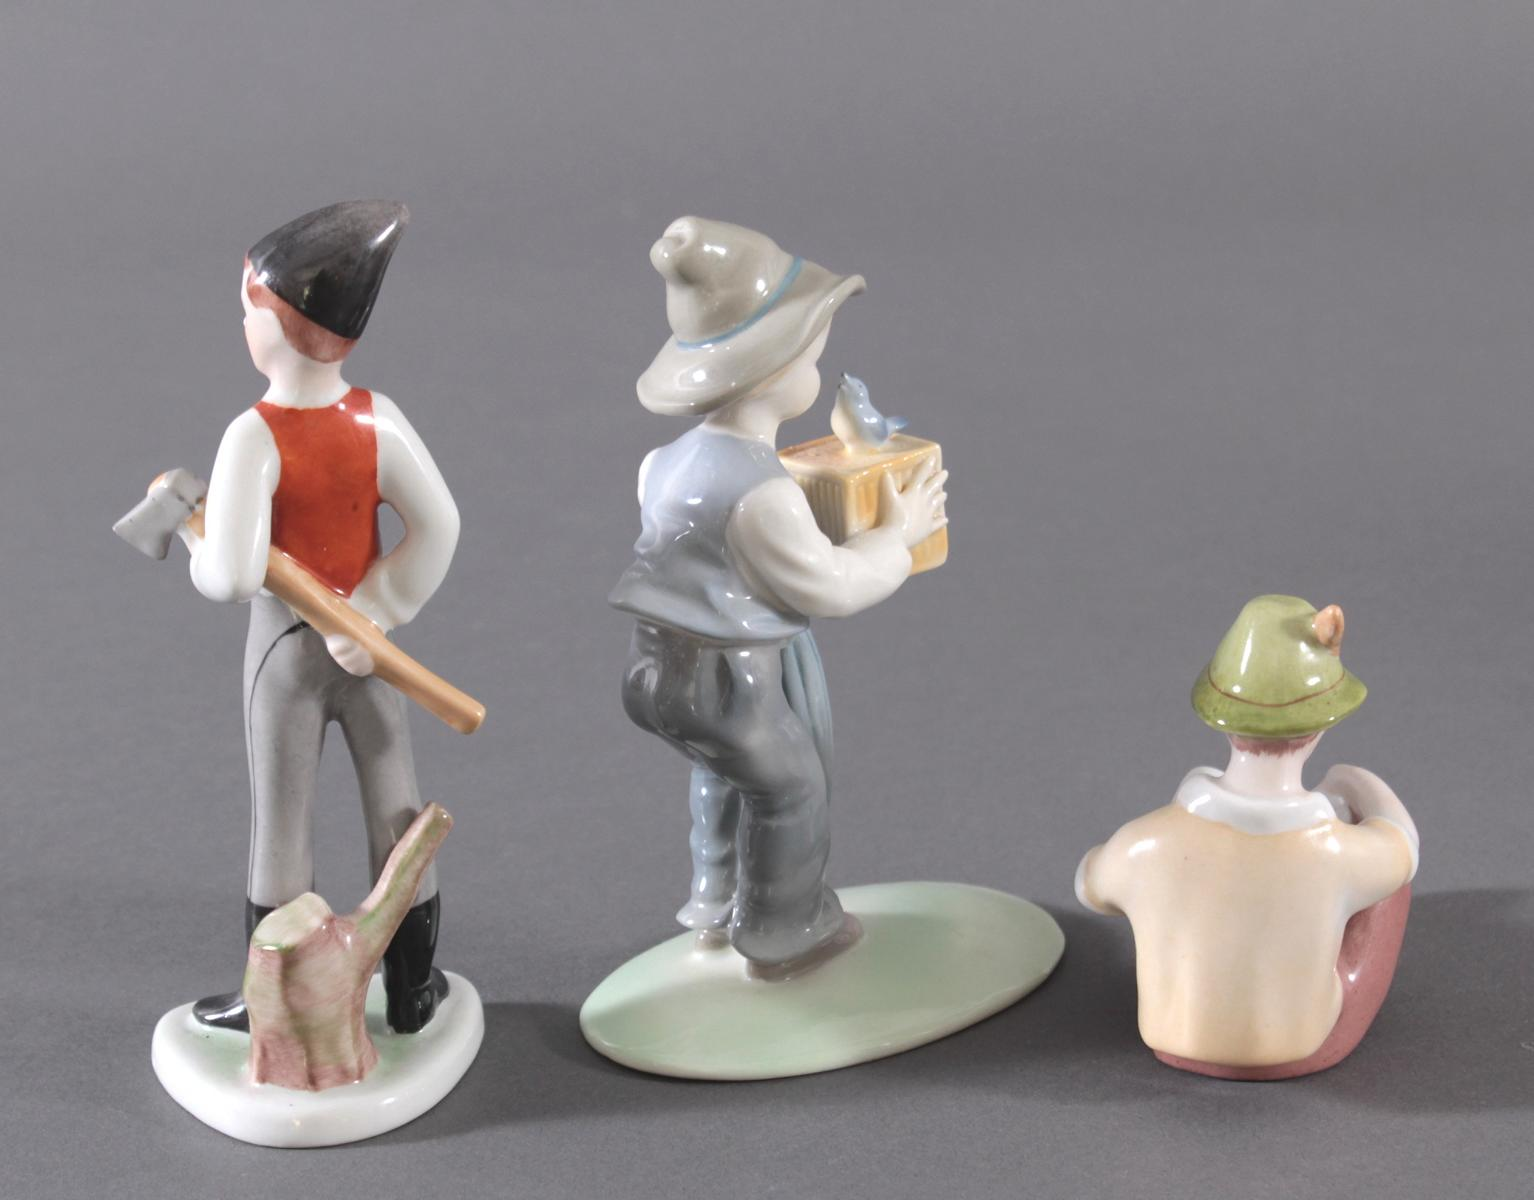 3 Porzellan-Figuren unterschiedliche Hersteller-2